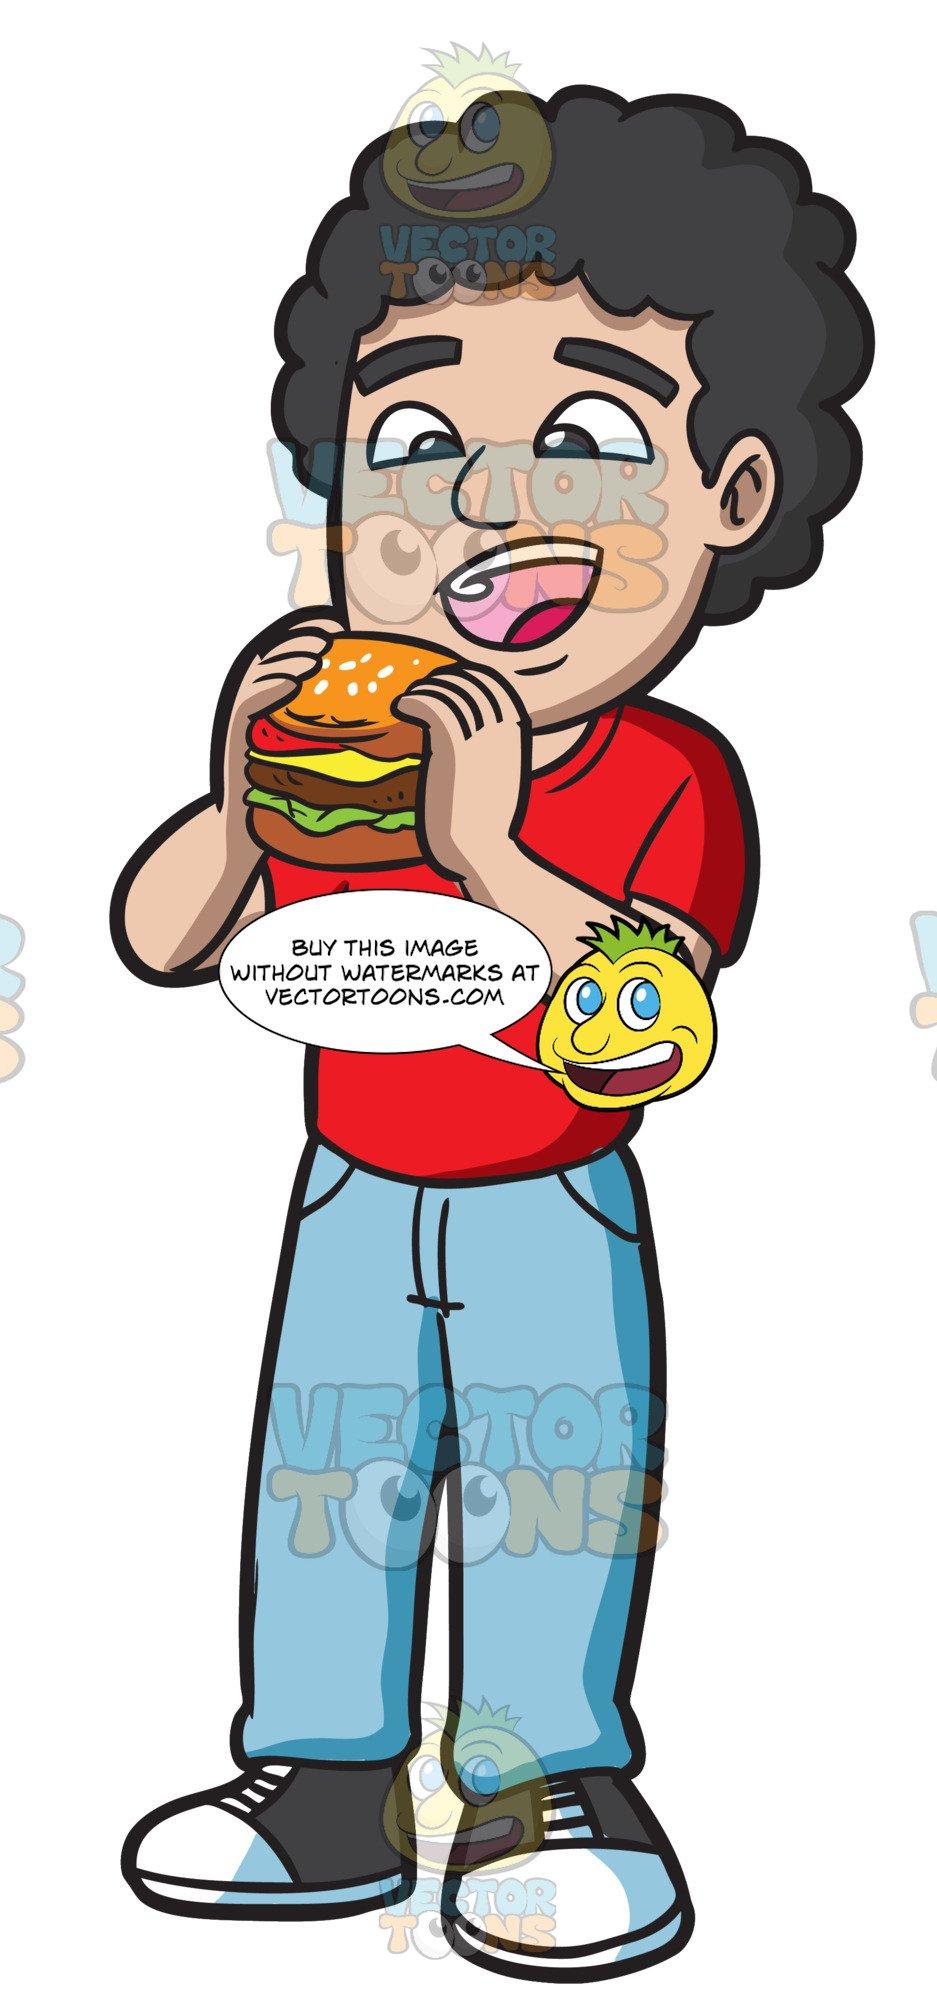 Eating hamburger clipart png royalty free stock A Man Eating A Big Burger png royalty free stock